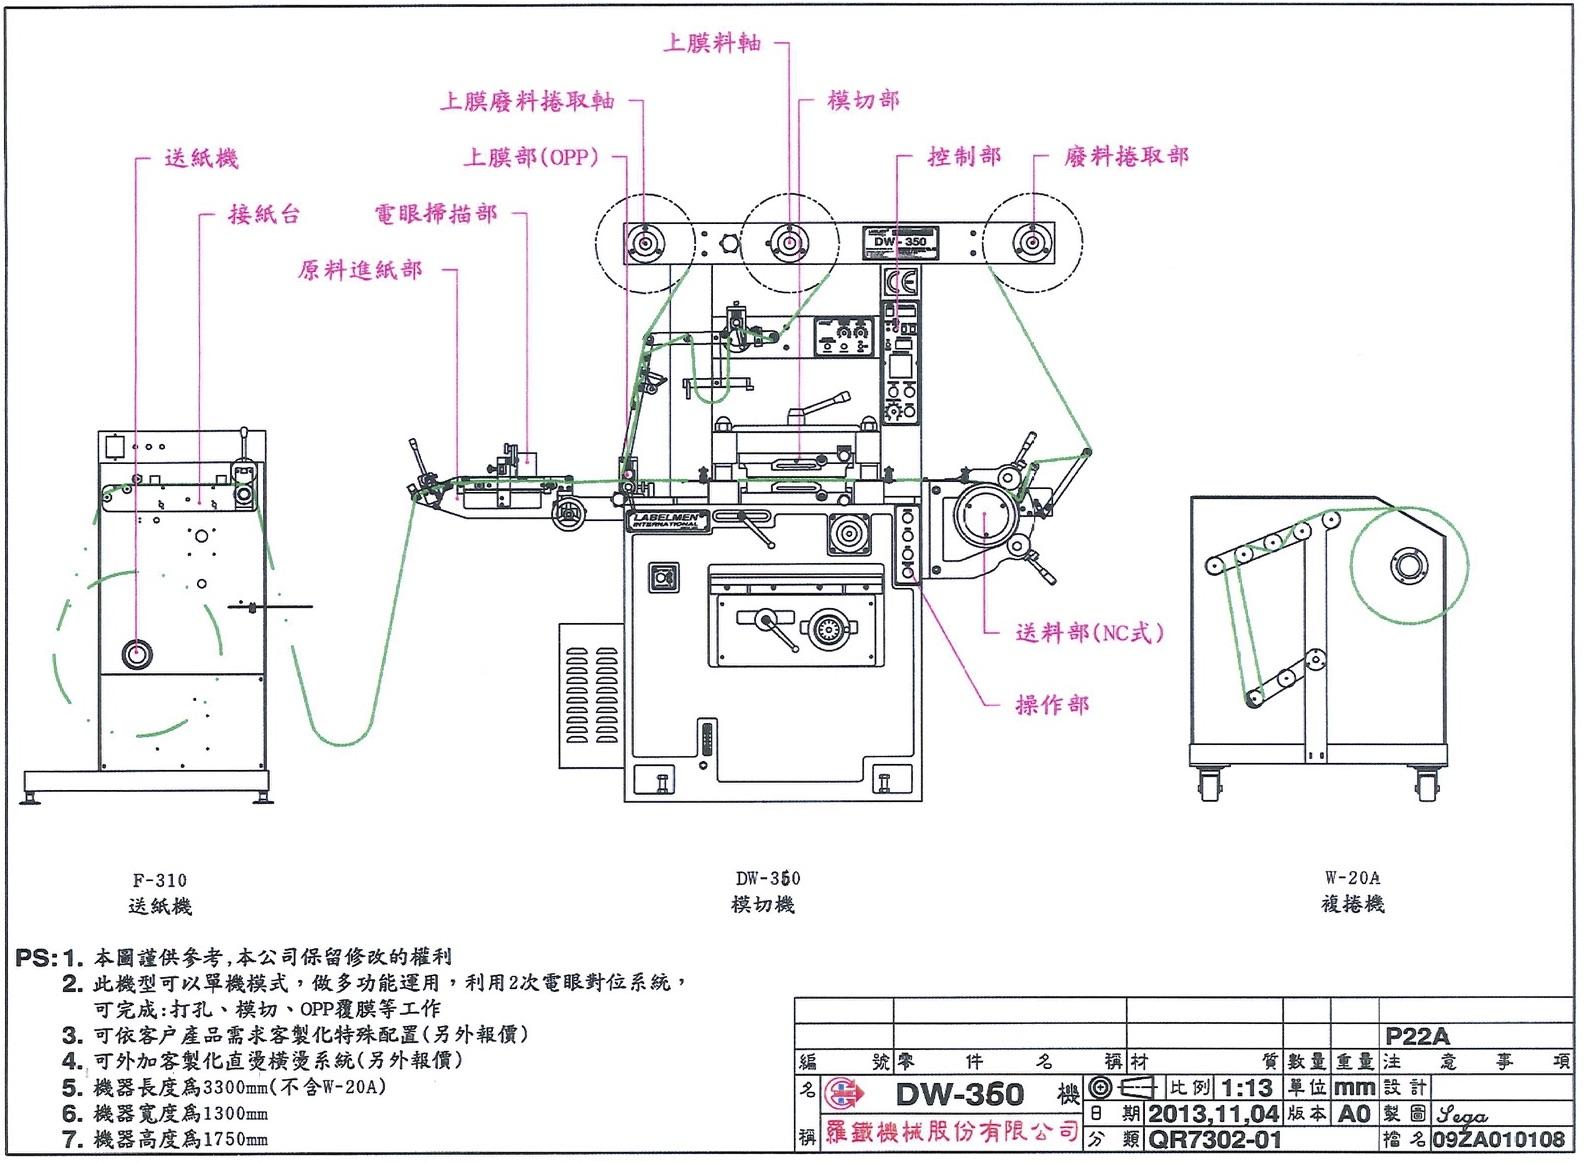 DW-360-系列︰單座平壓式捲對捲高速模切機